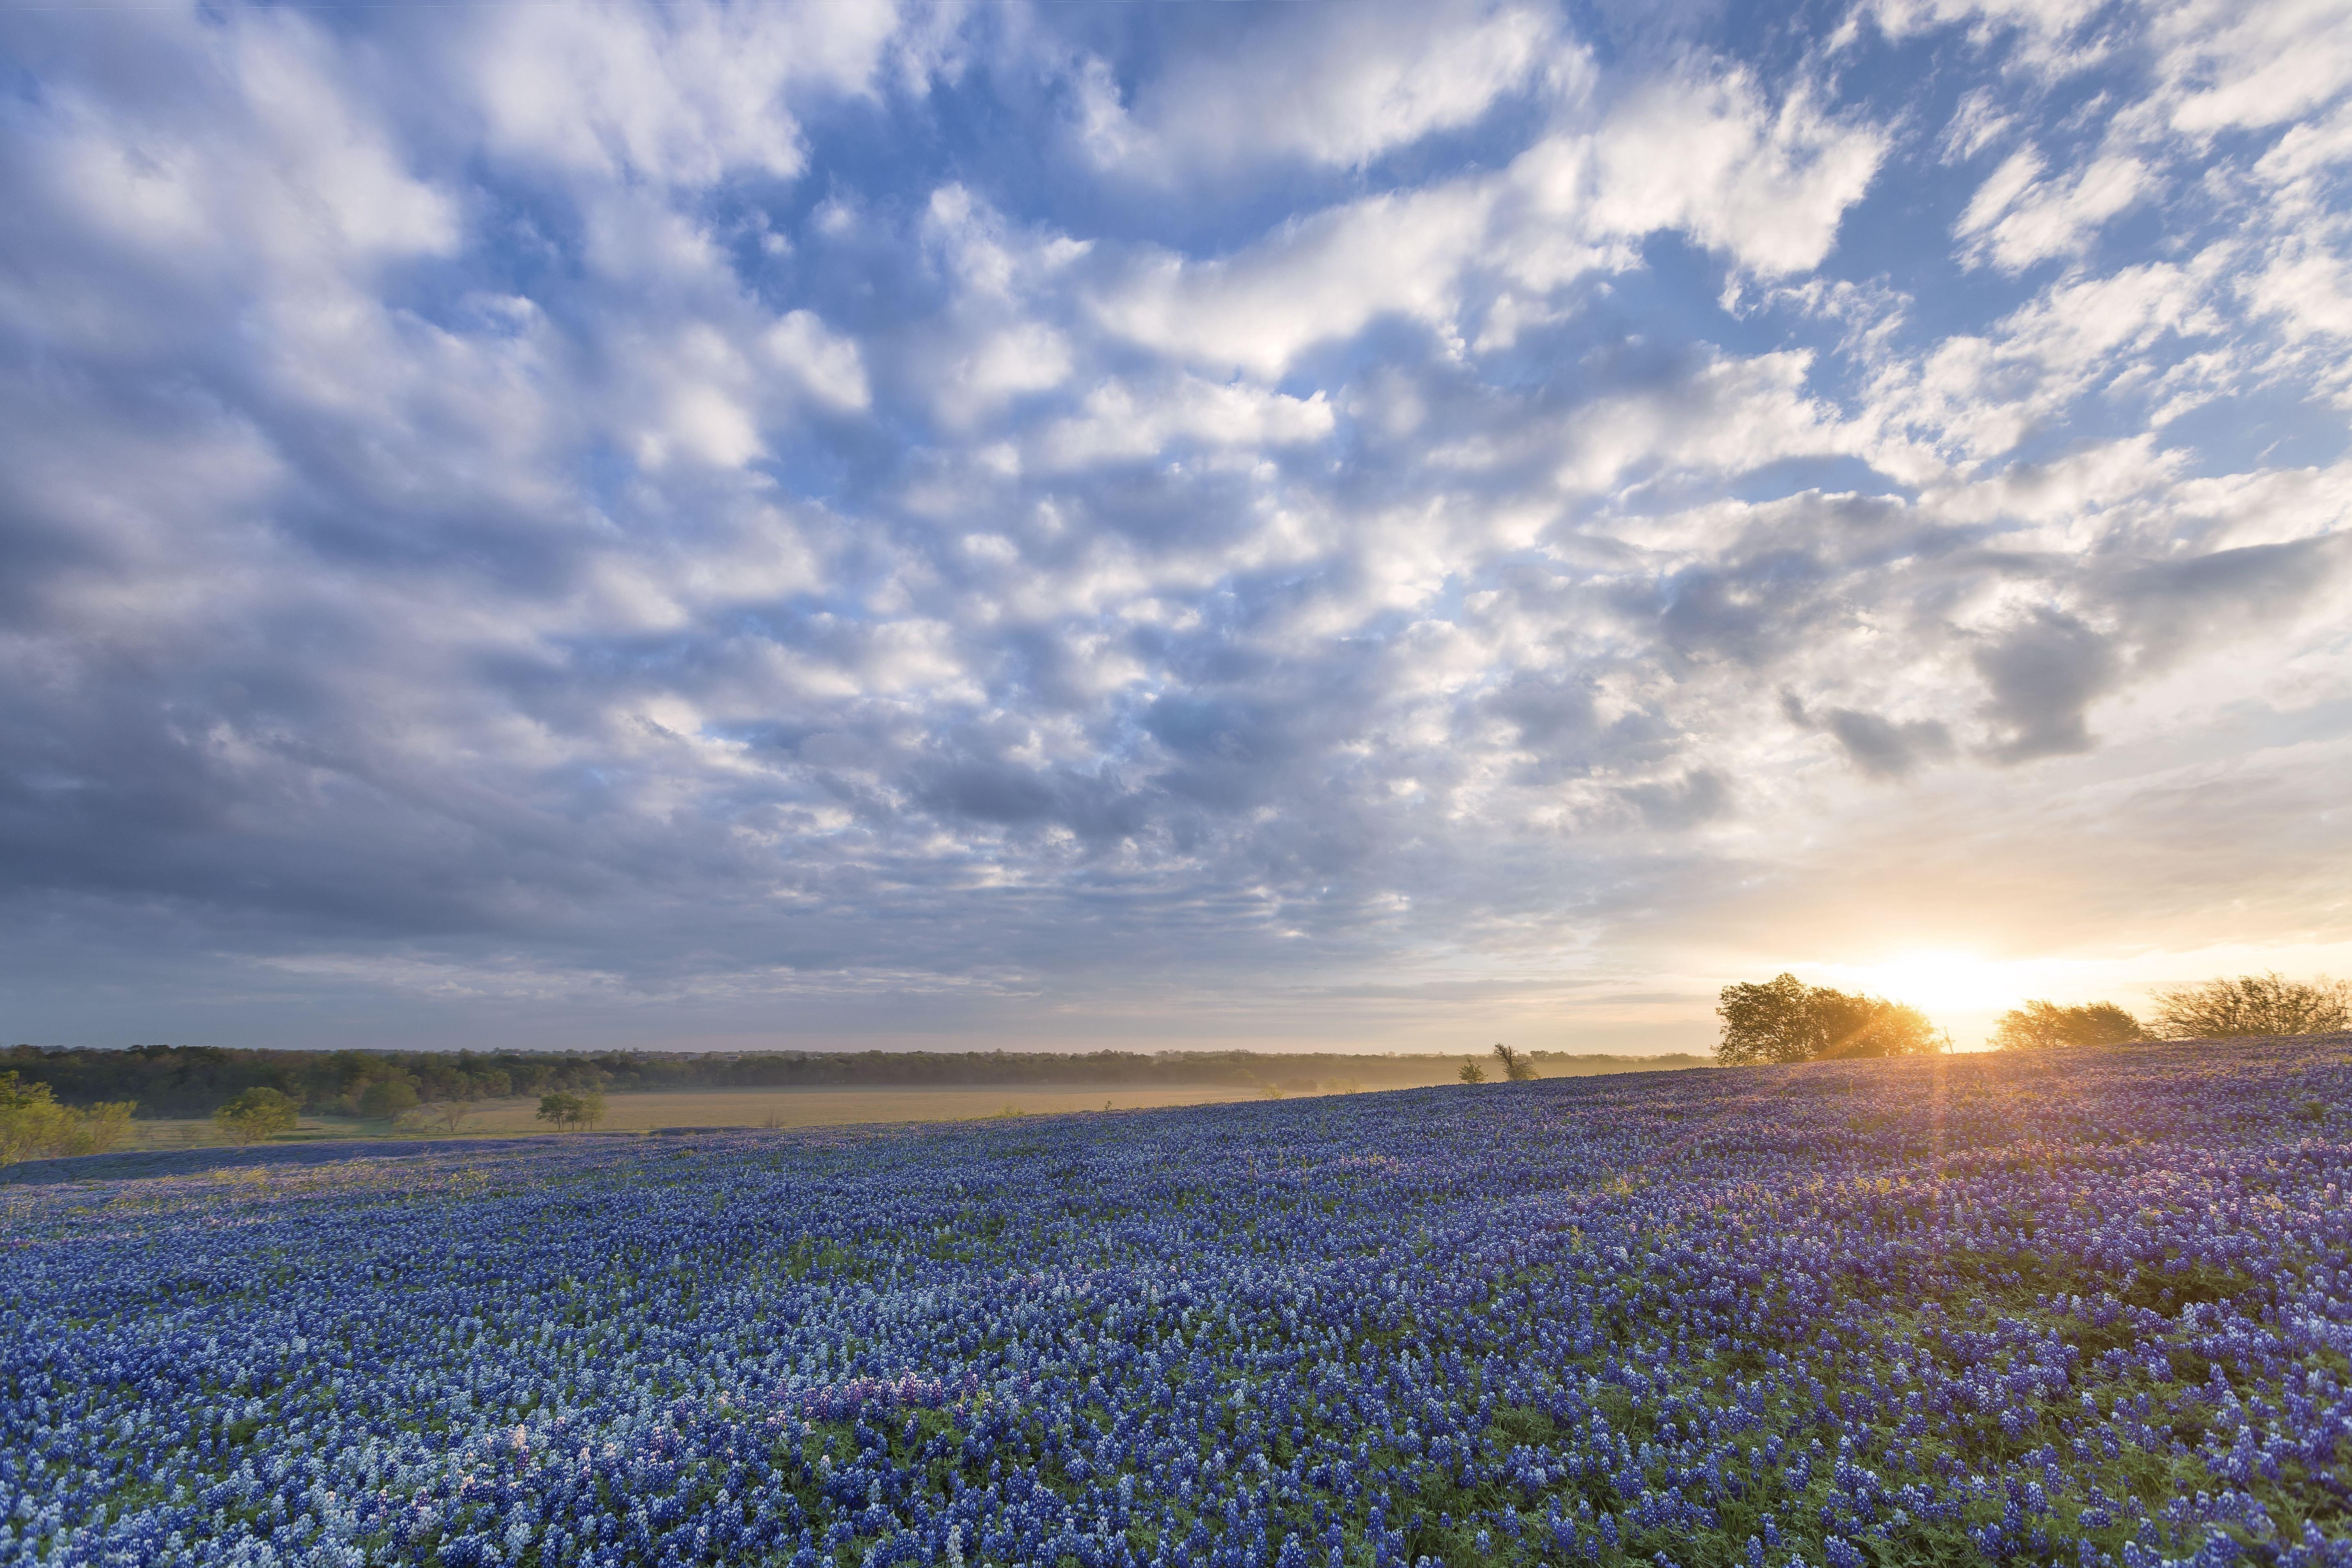 Bluebonnet Sunrise Ennis Texas flowers field wallpaper 5730x3820 5730x3820